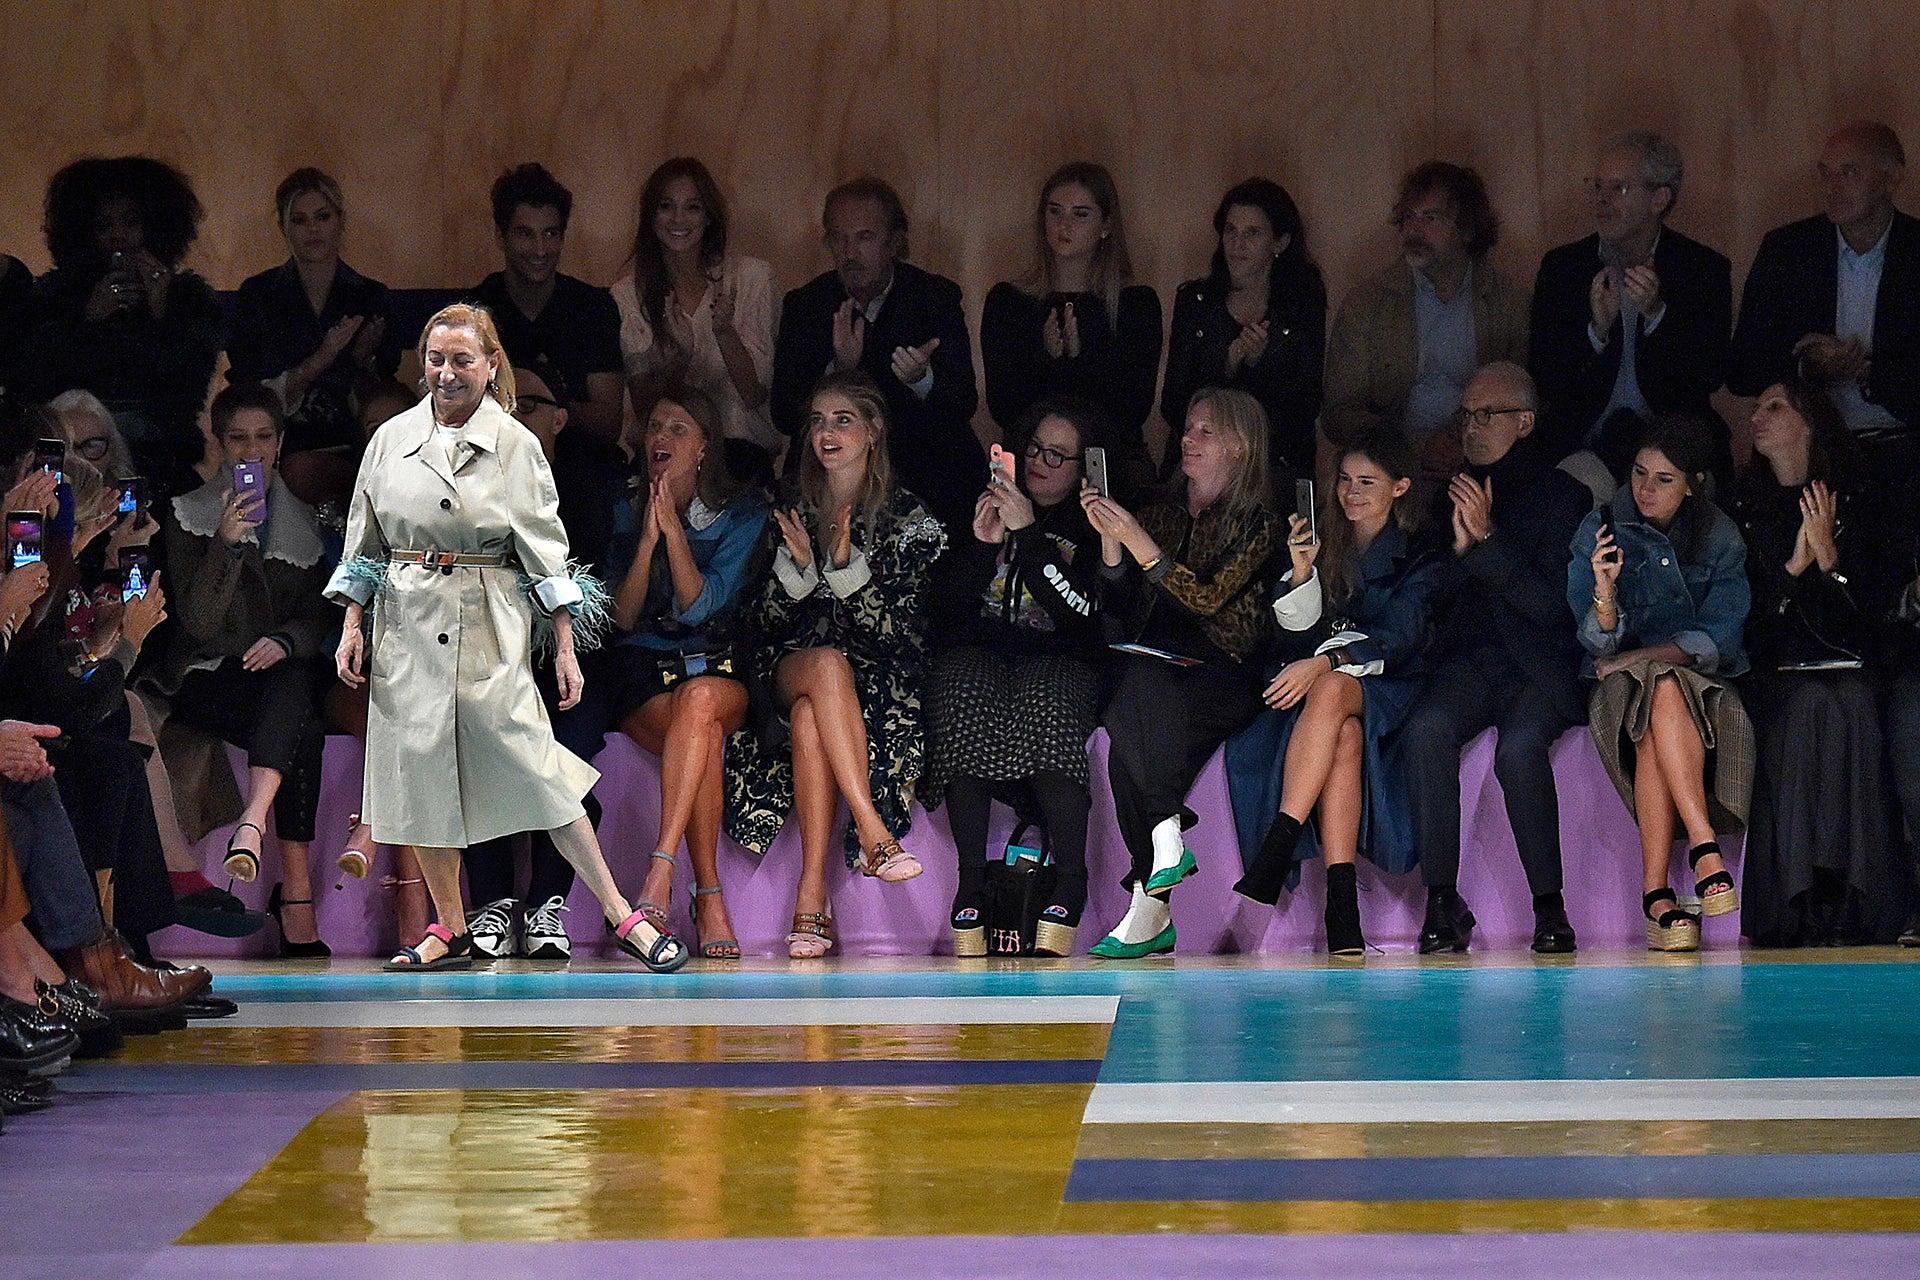 Trenčkot s peřím, říjen 2016. Trenčkot zdobený peřím a trekové sandály jsou lekcí vysokého stylu podle Prady, který měl na přehlídce Miu Miu SS17 v Paříži u diváků úspěch. Autor: Victor VIRGILE/Gamma-Rapho via Getty Images